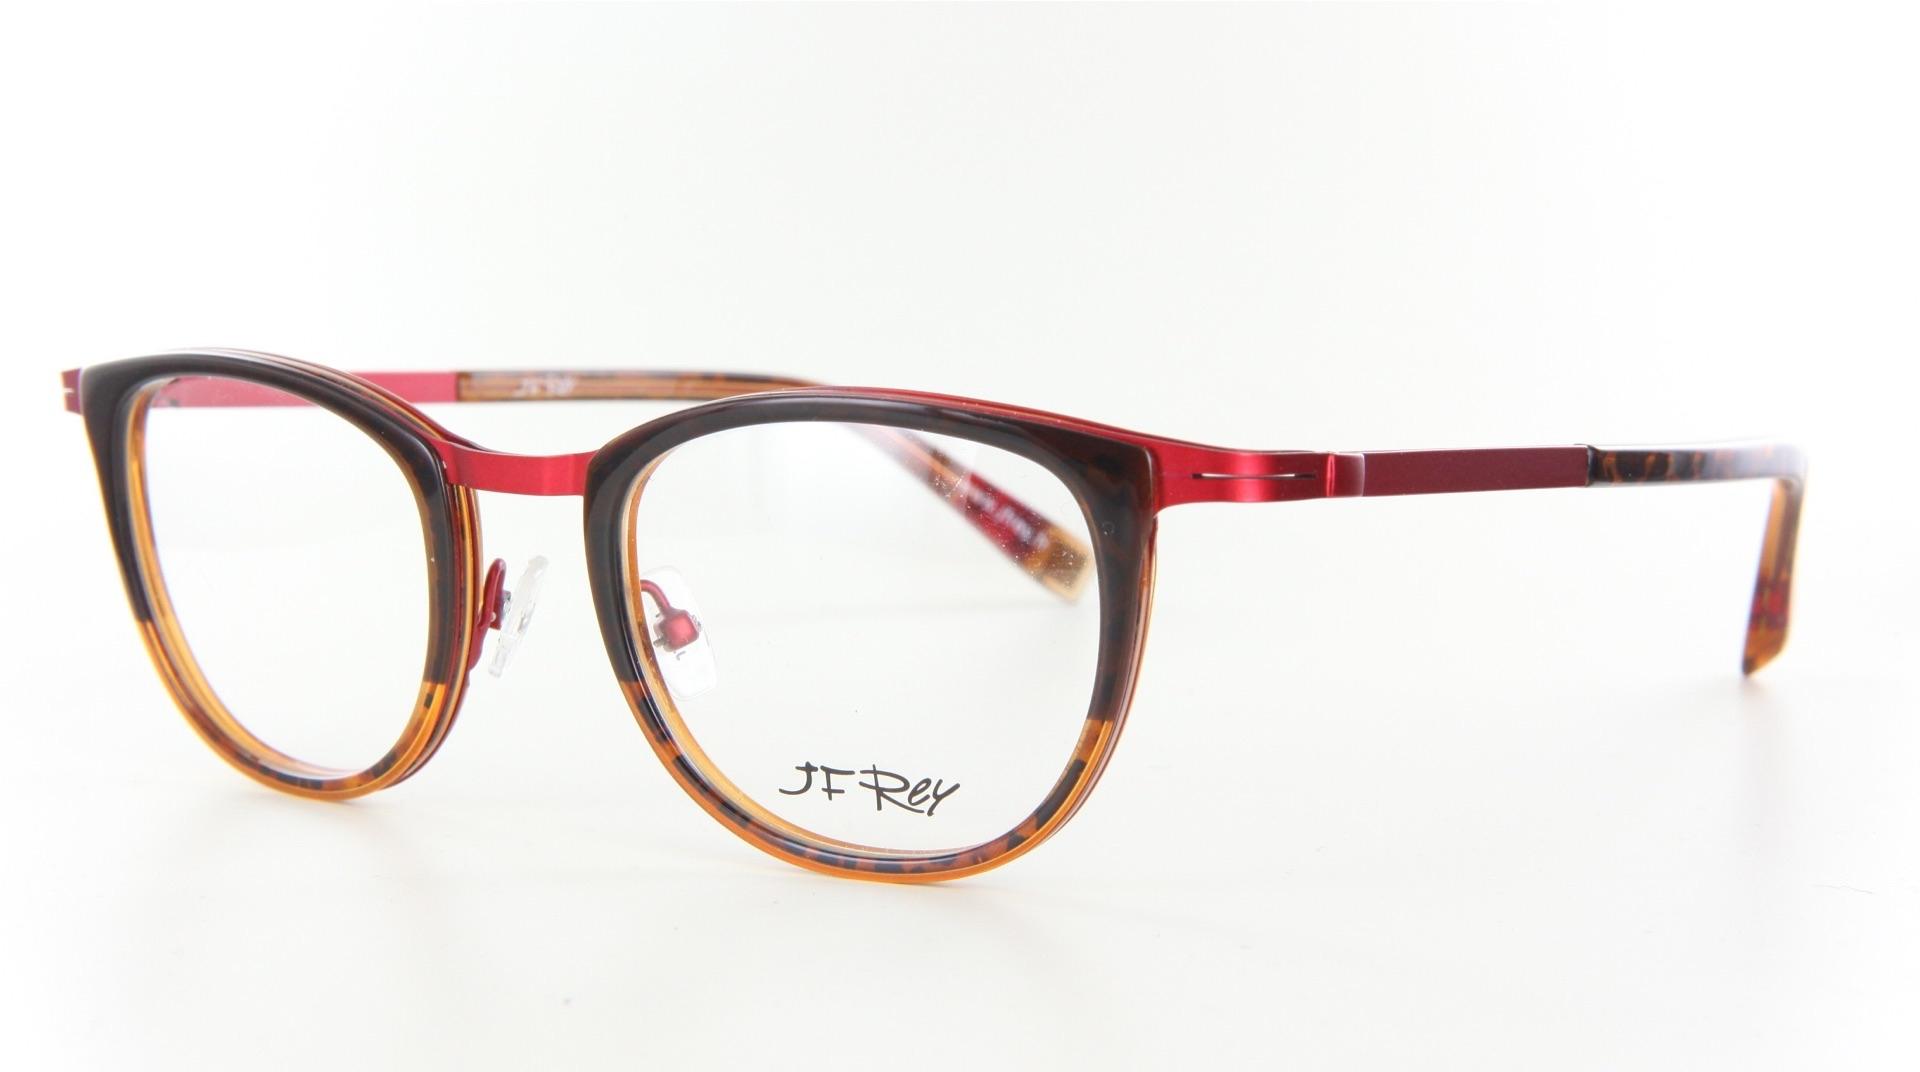 J.F. Rey - ref: 75693